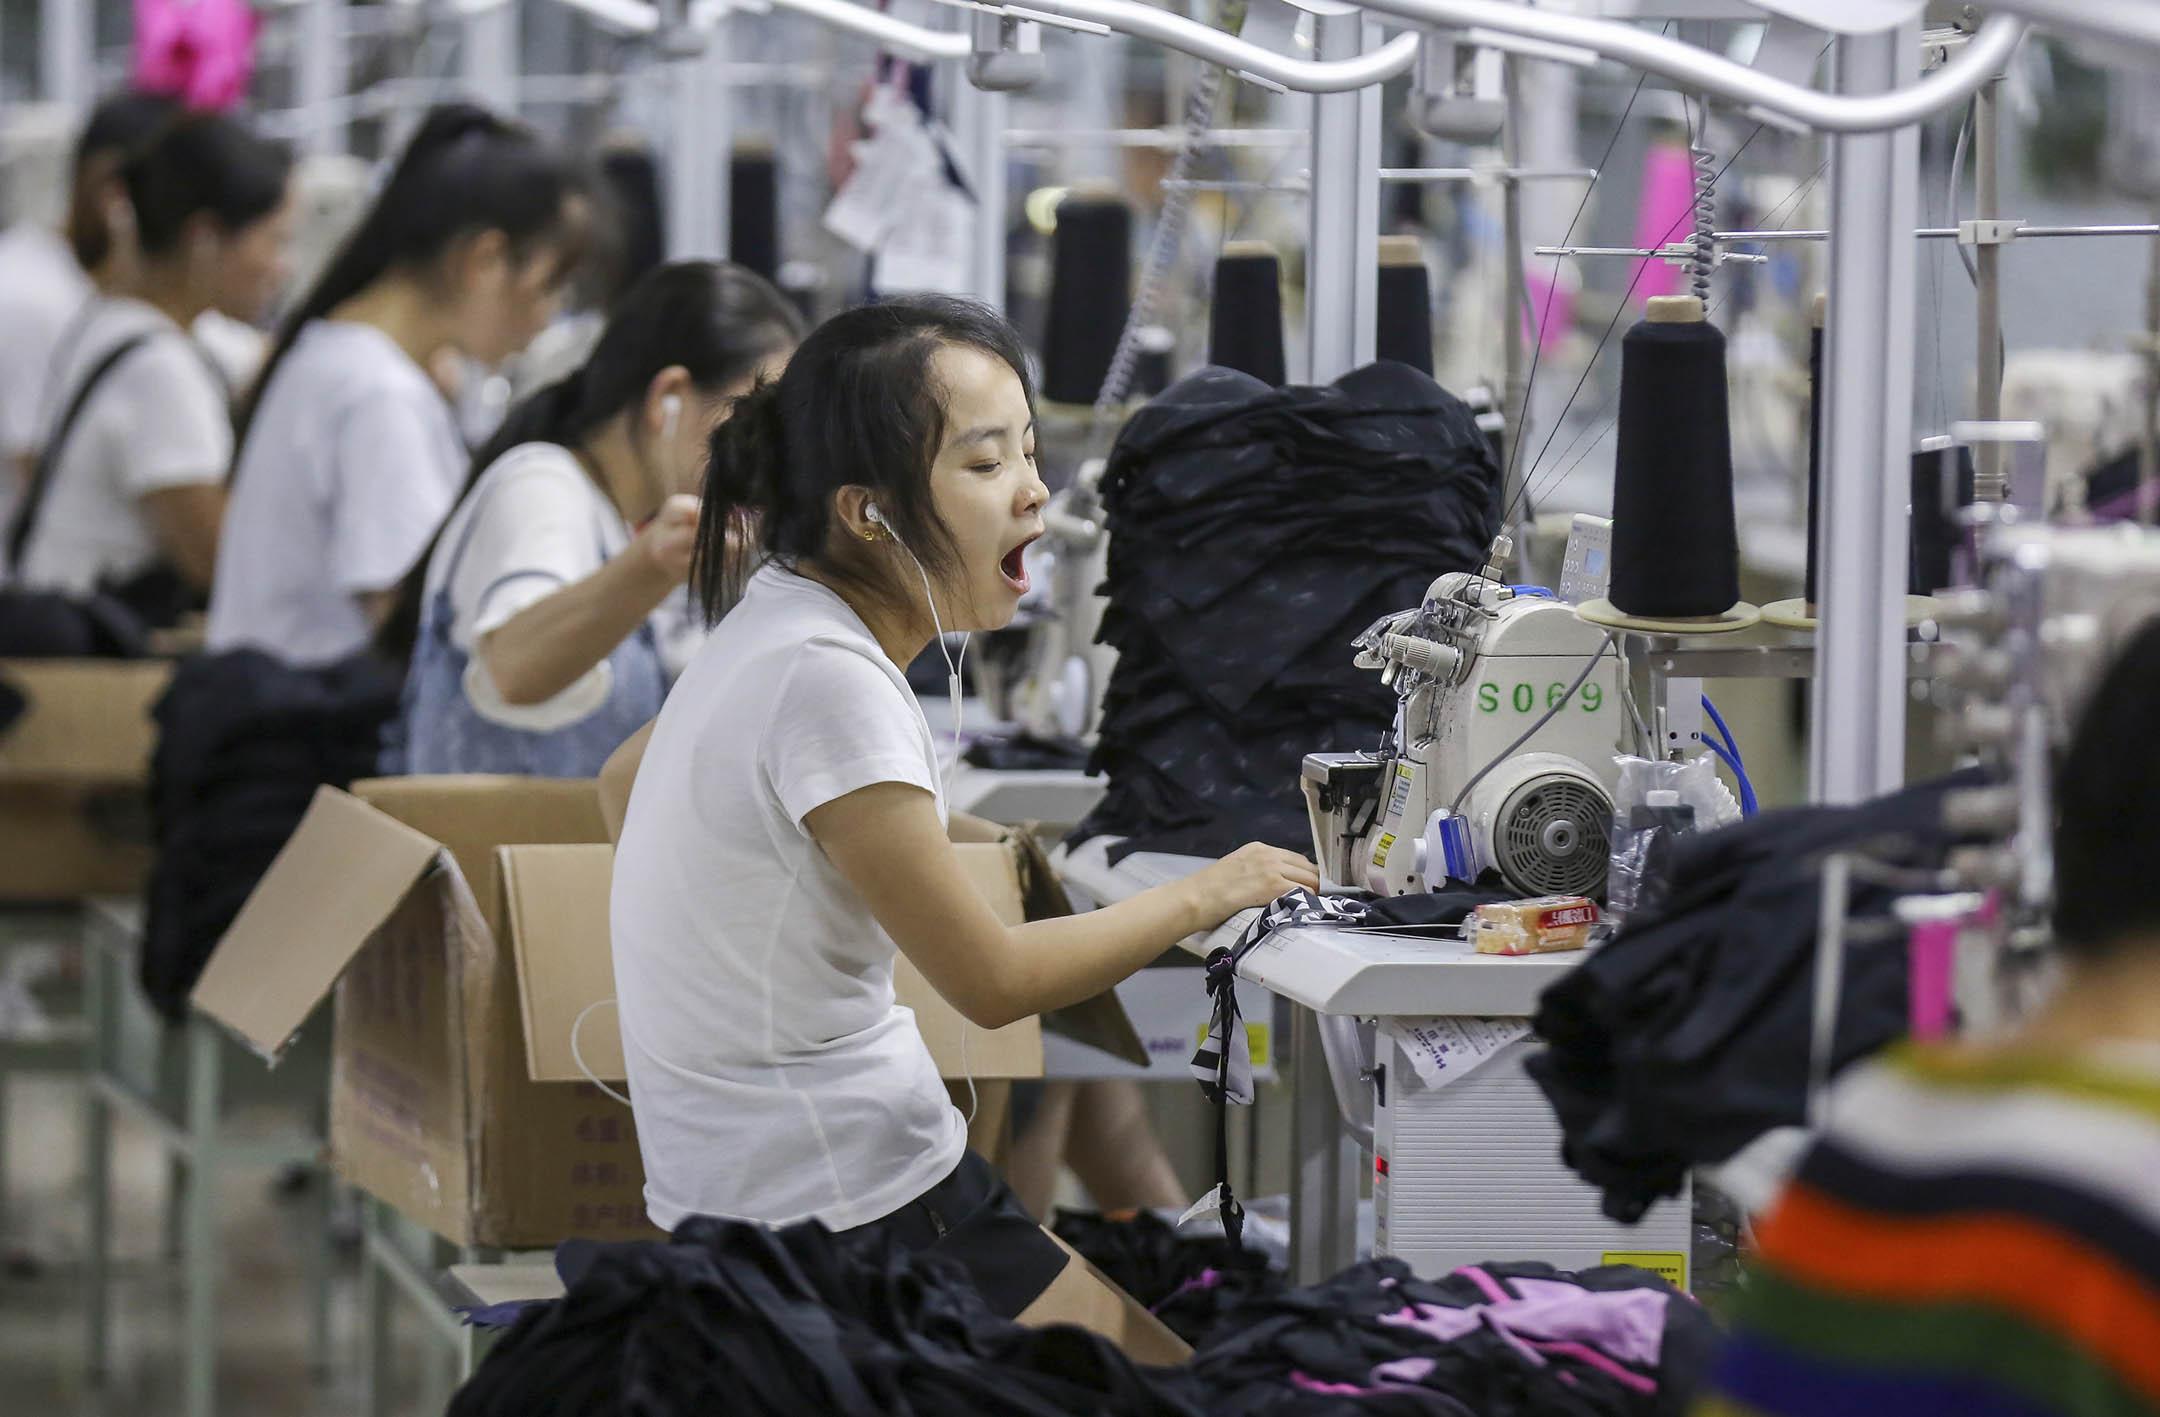 2019年5月份中國官方製造業採購經理人指數(PMI)為49.4,環比下降0.7個百分點,是今年的次低水平。PMI指數高於50表明製造業活動擴張,低於50則說明萎縮。圖為福建一間工廠。 圖: STR/AFP/Getty Images